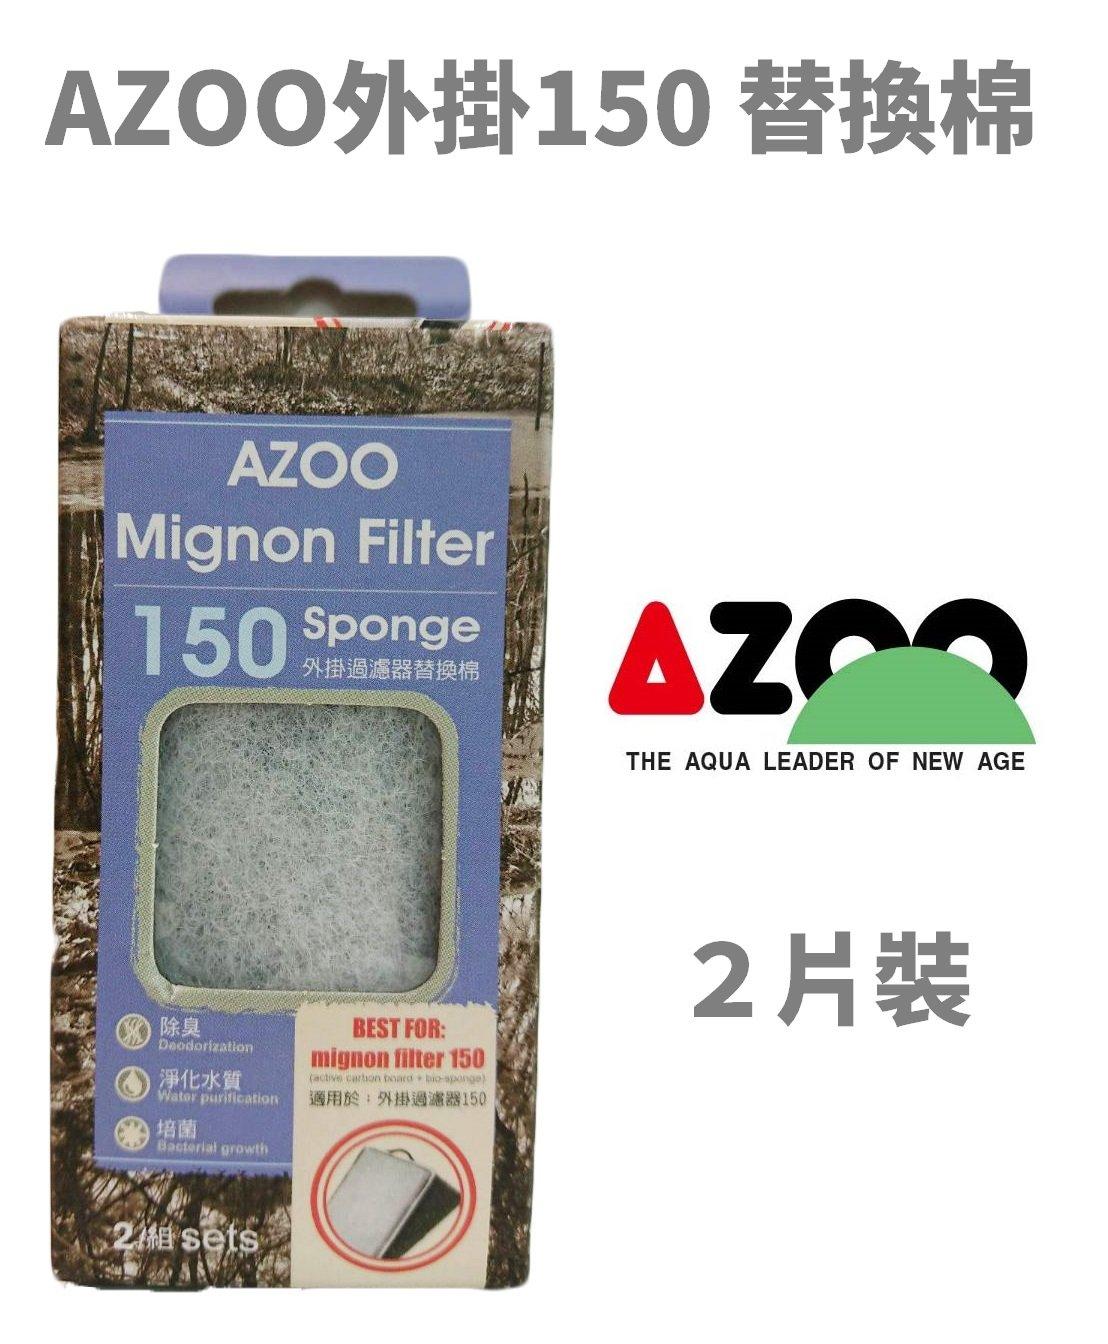 【AZ北高寵物】AZOO外掛過濾器150(II) 替換棉 2片裝 活性碳